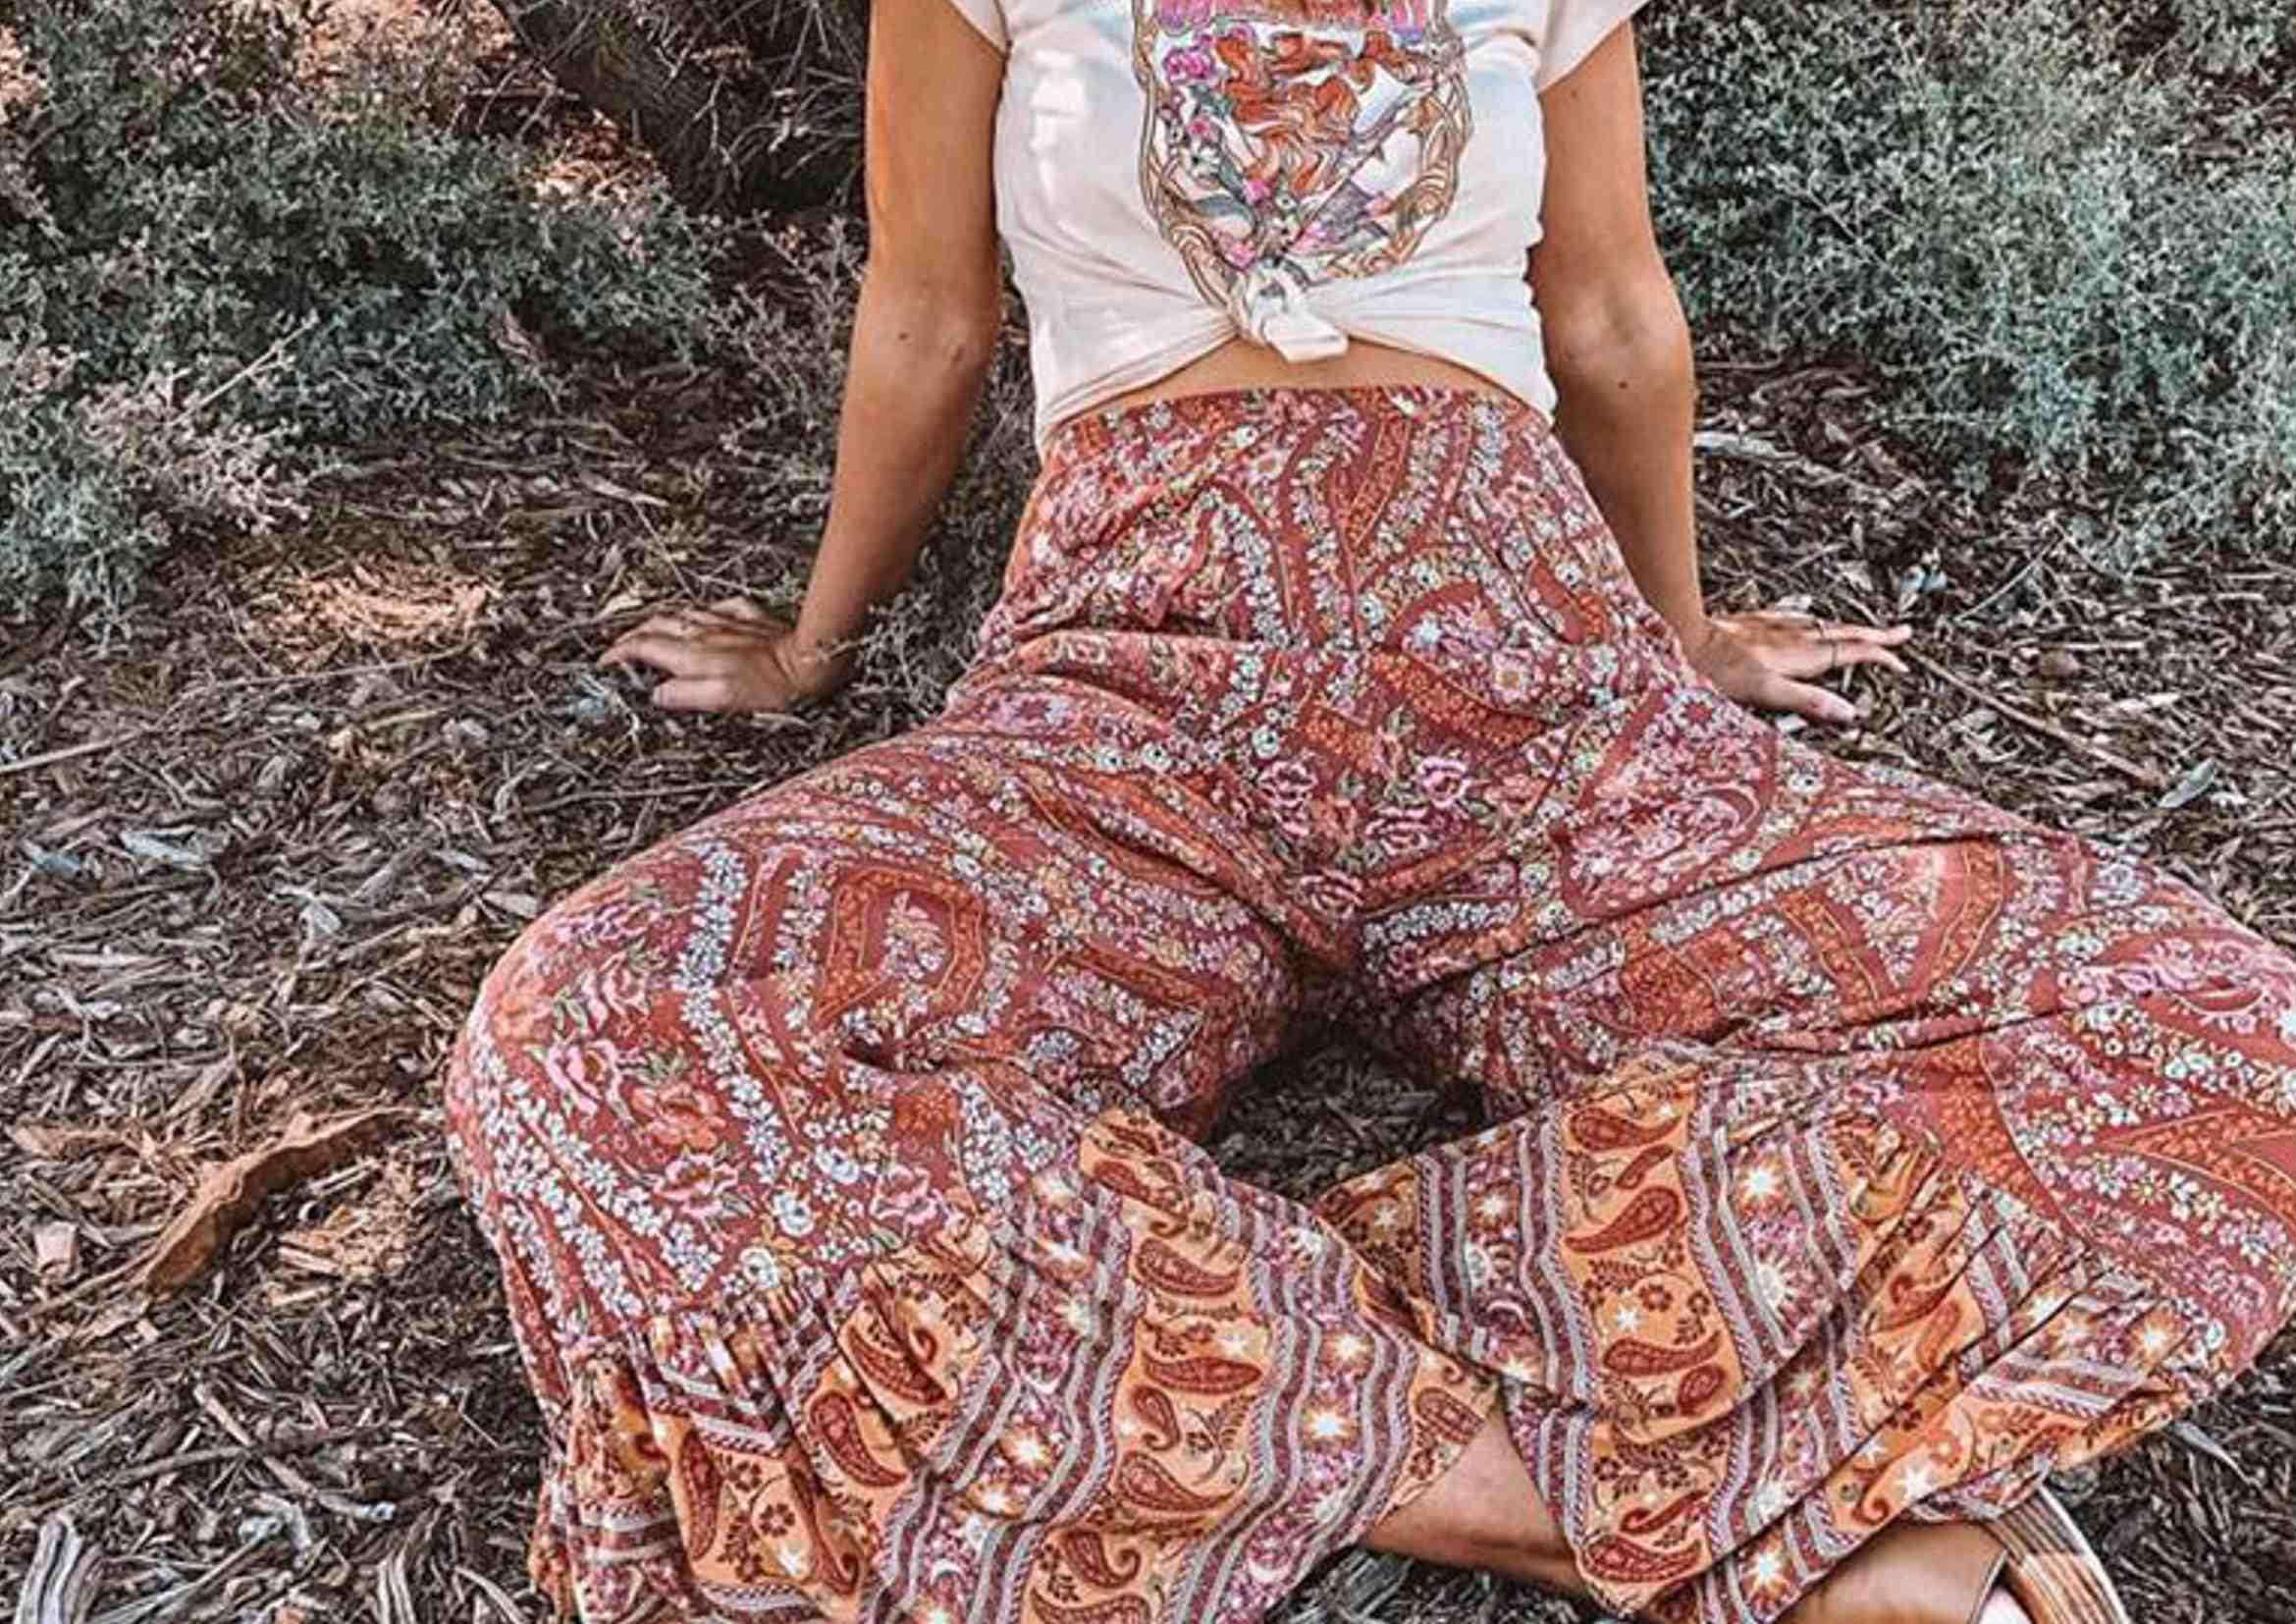 Pantalones Hippies Todos Los Tipos De Pantalones Boho Que Buscas